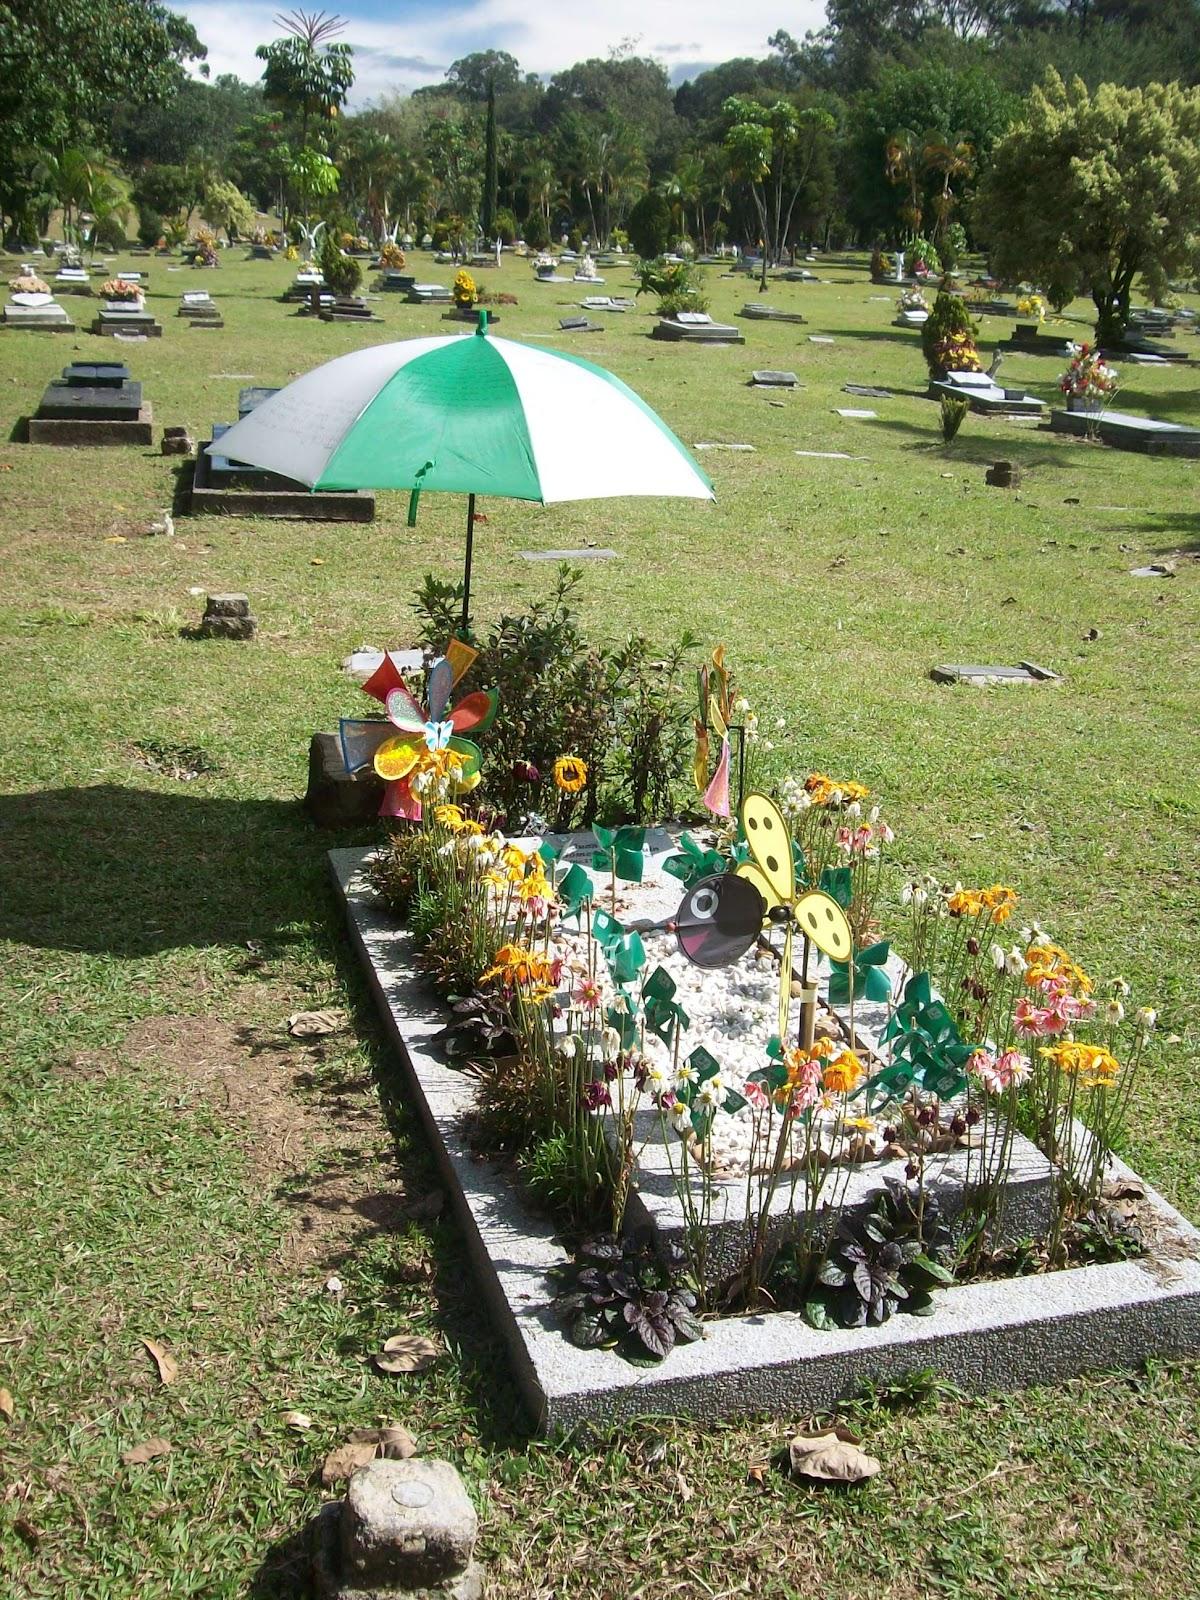 La ultima parada for Horario cementerio jardines de paz